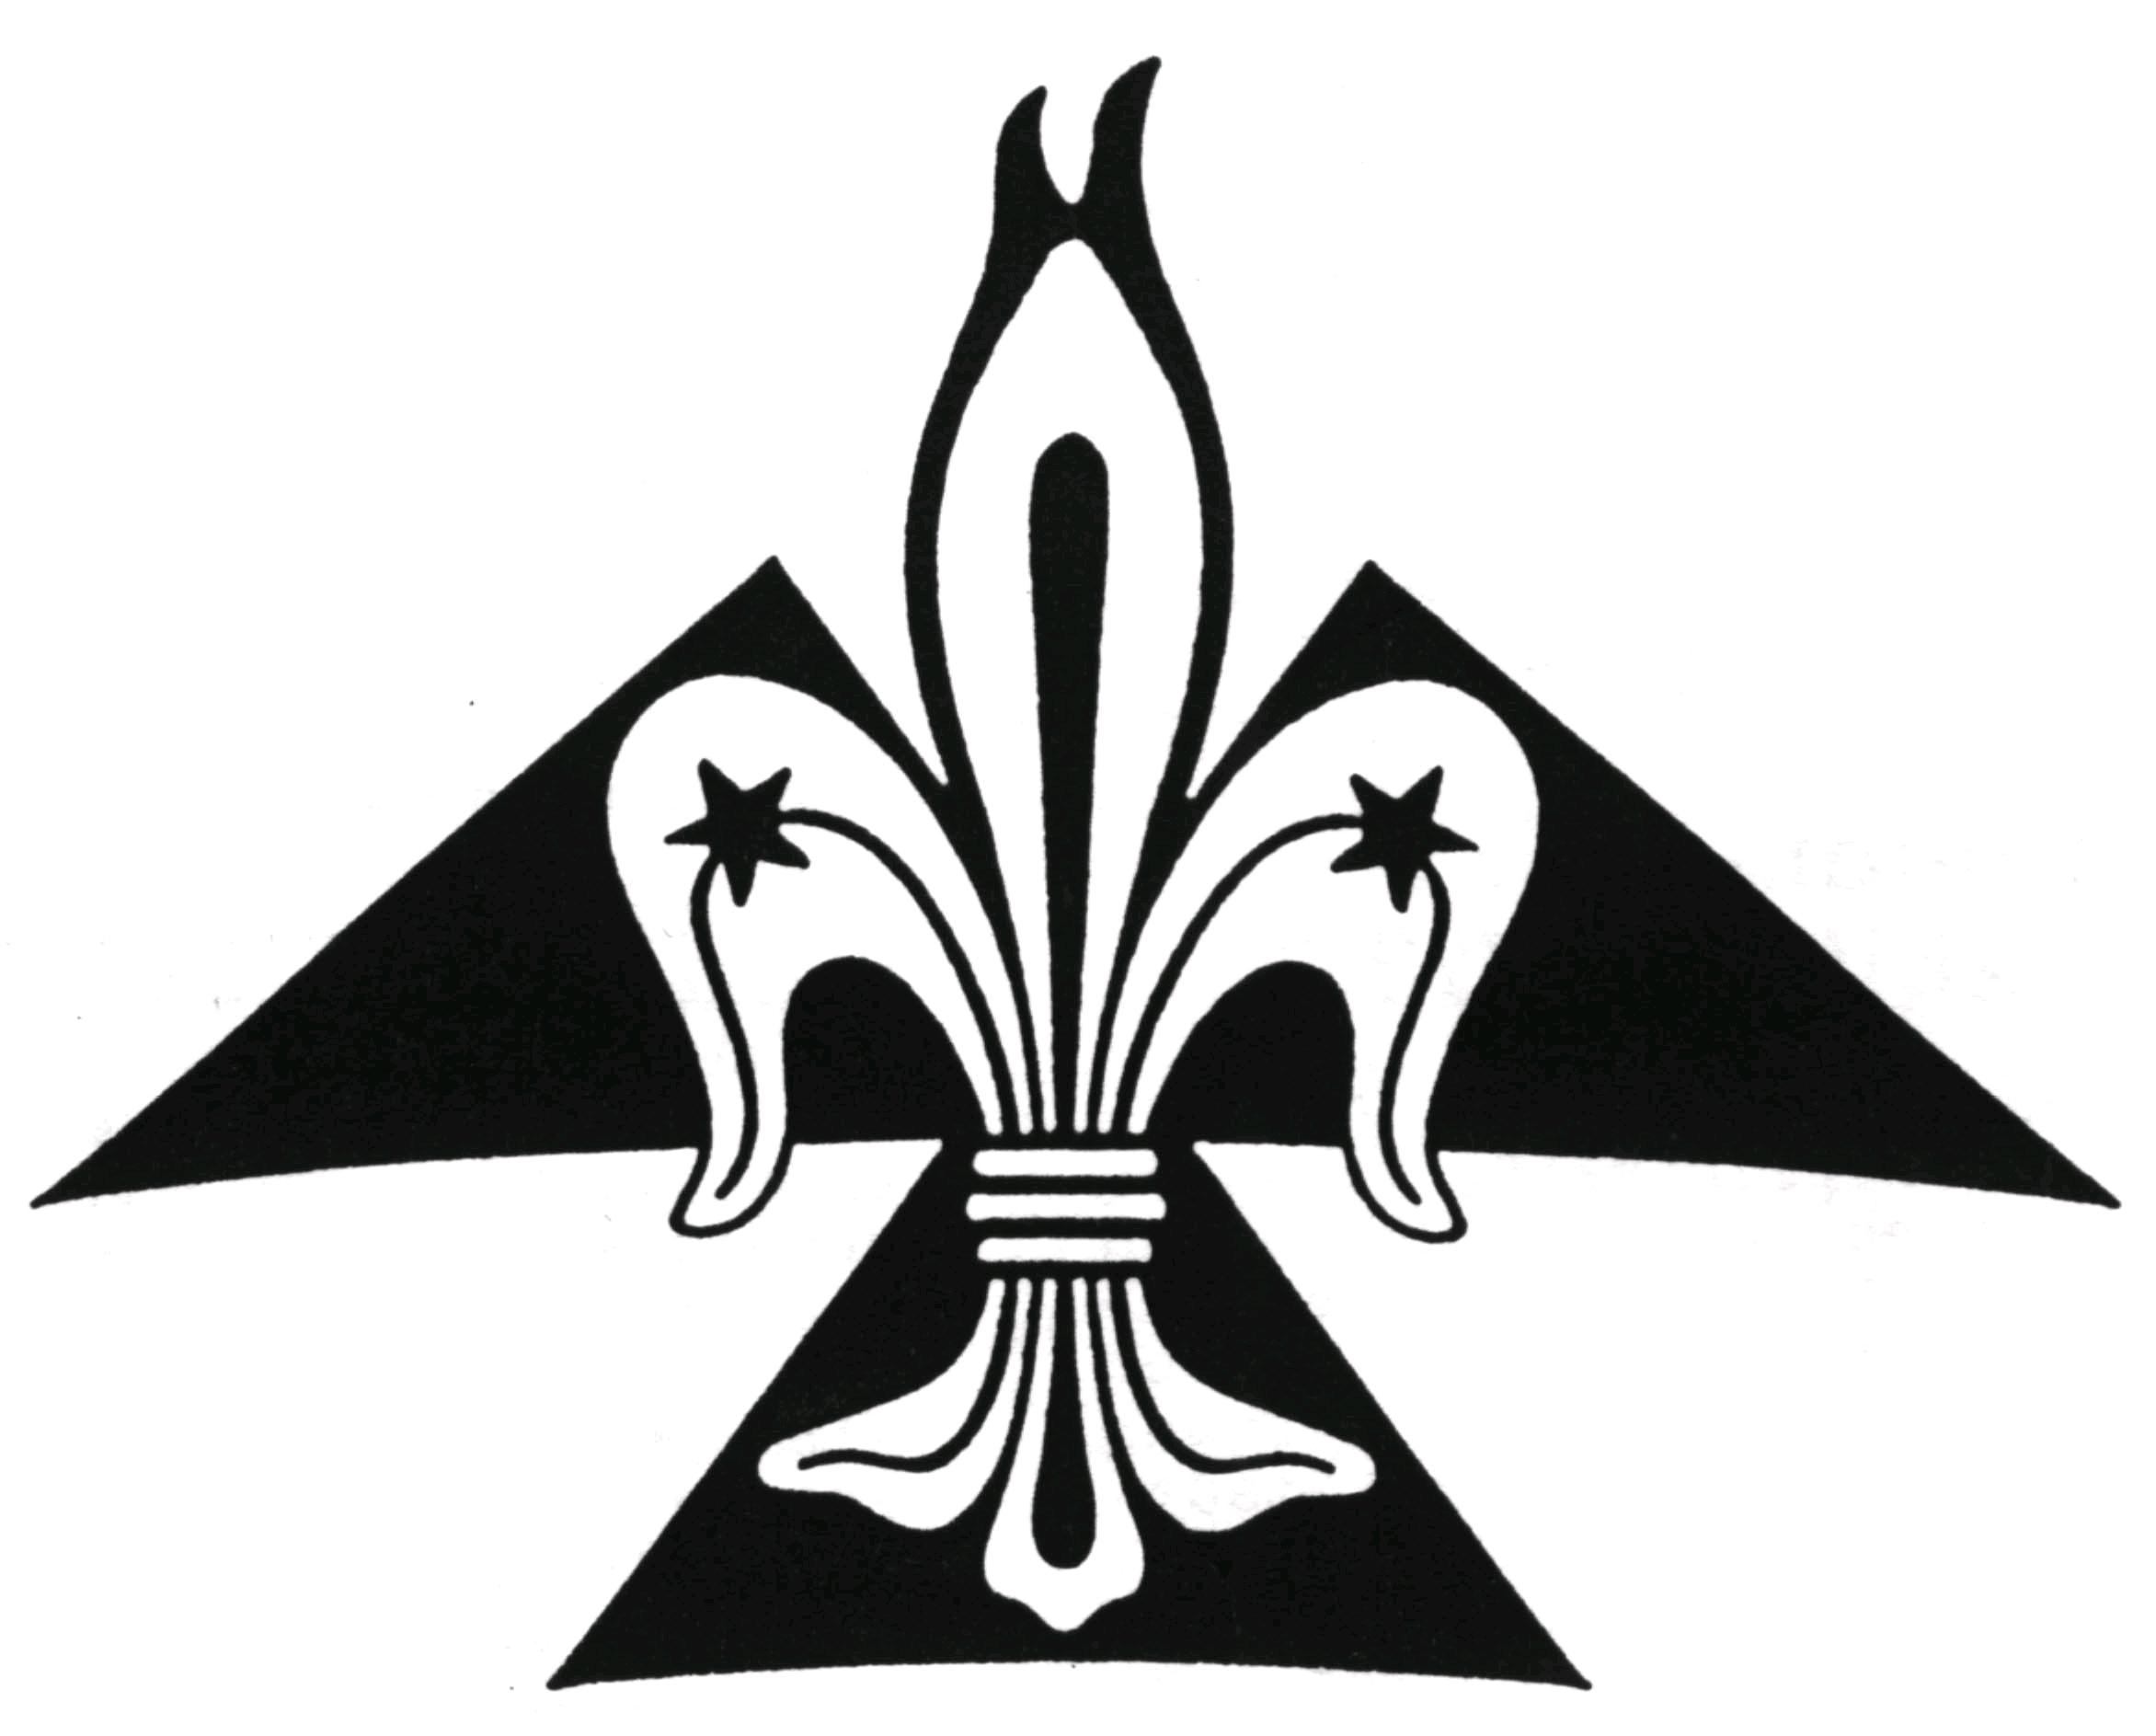 Vorgestellt: Freier Pfadfinderbund Asgard